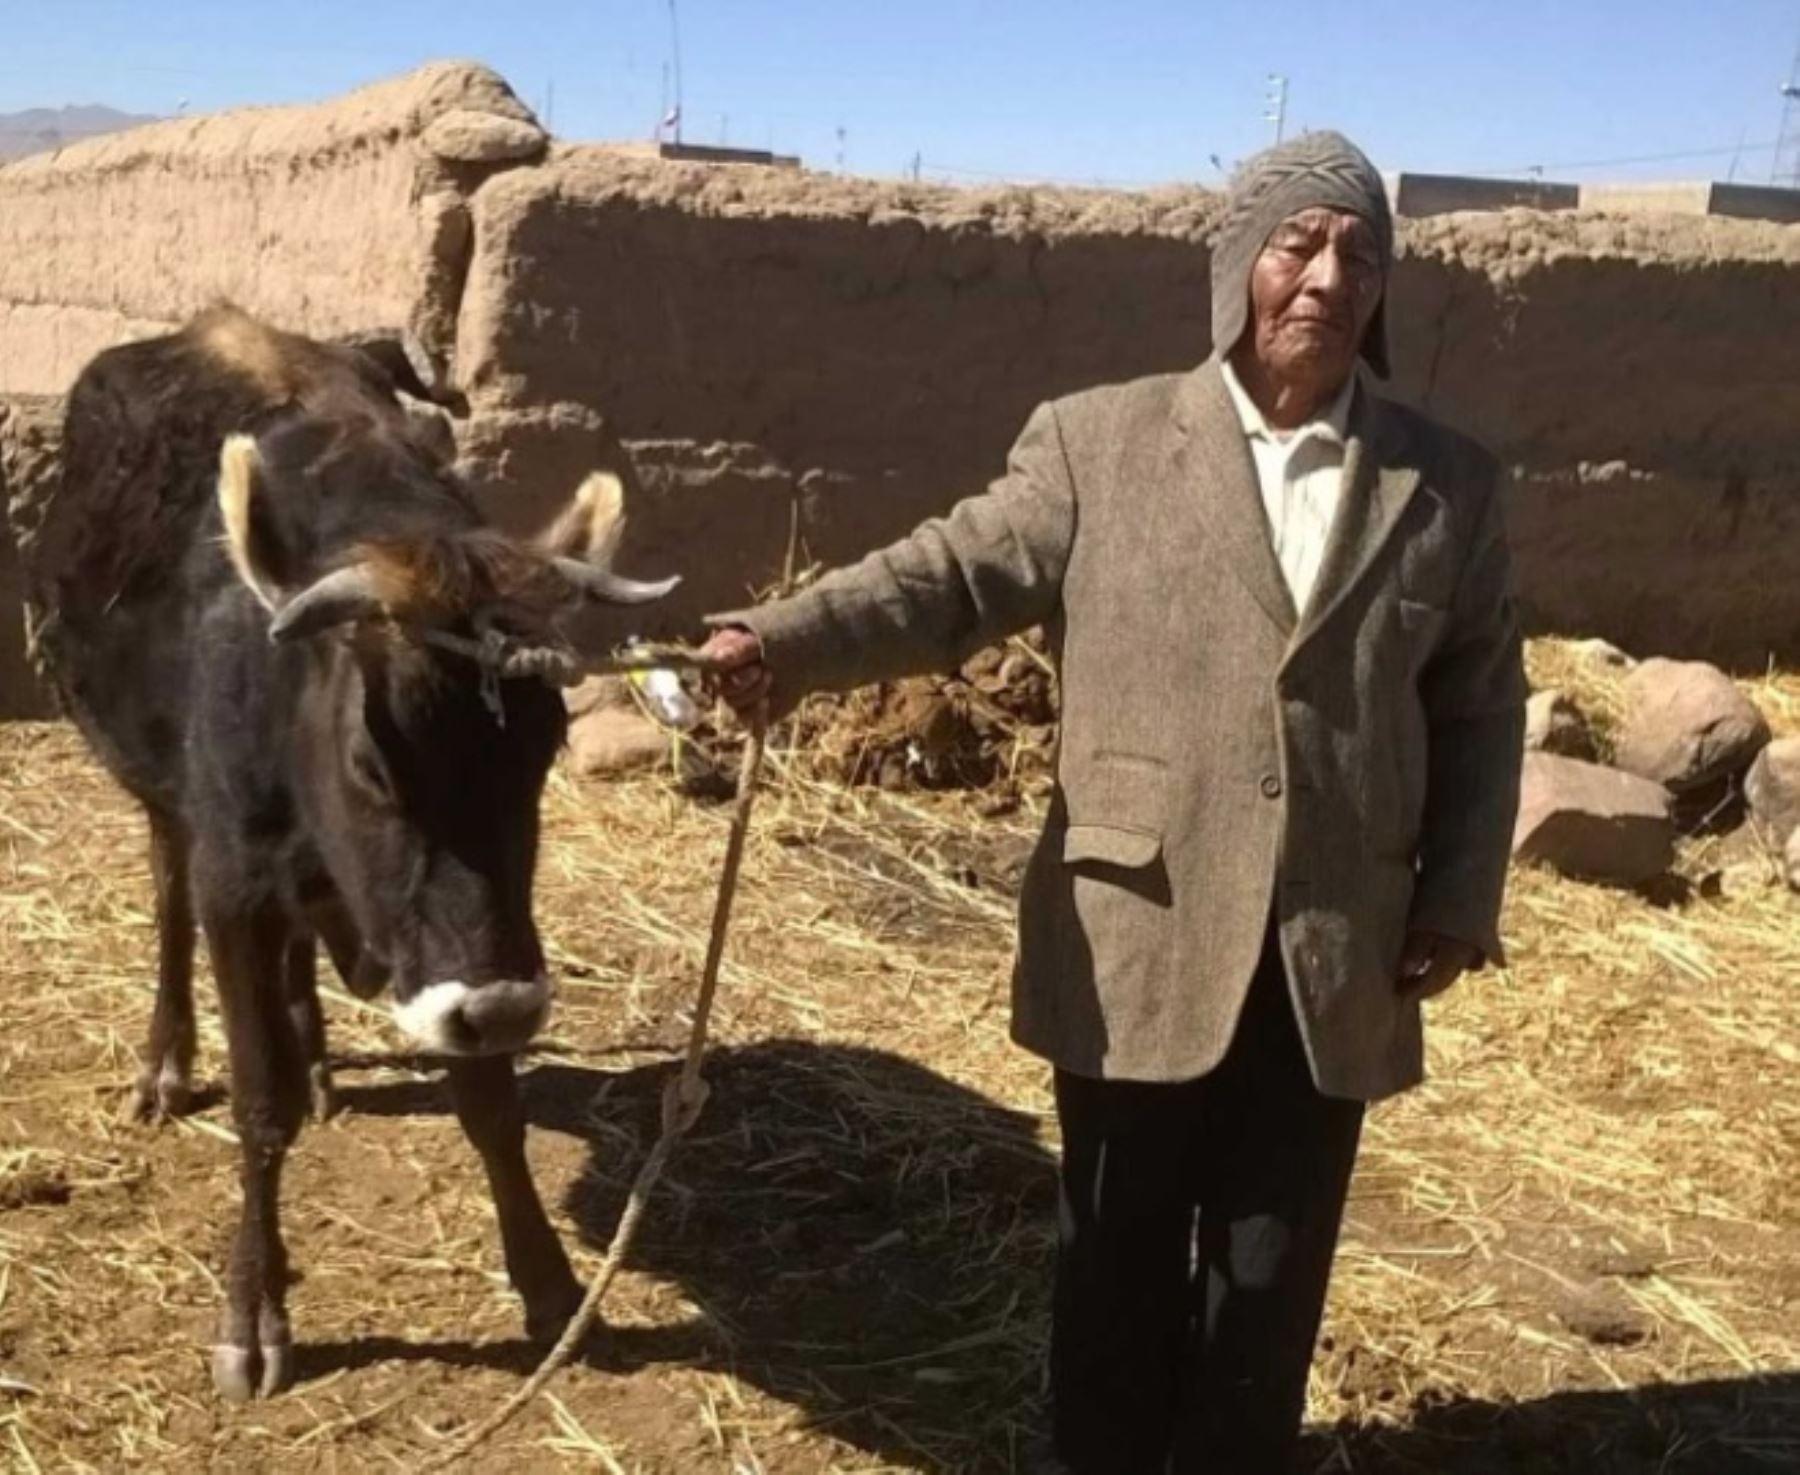 Uno de los varones súper centenarios con 112 años de edad es Pedro Ccallo Ccallo, quien vive en el centro poblado de Chijichaya, distrito Ilave, provincia El Collao, región Puno.